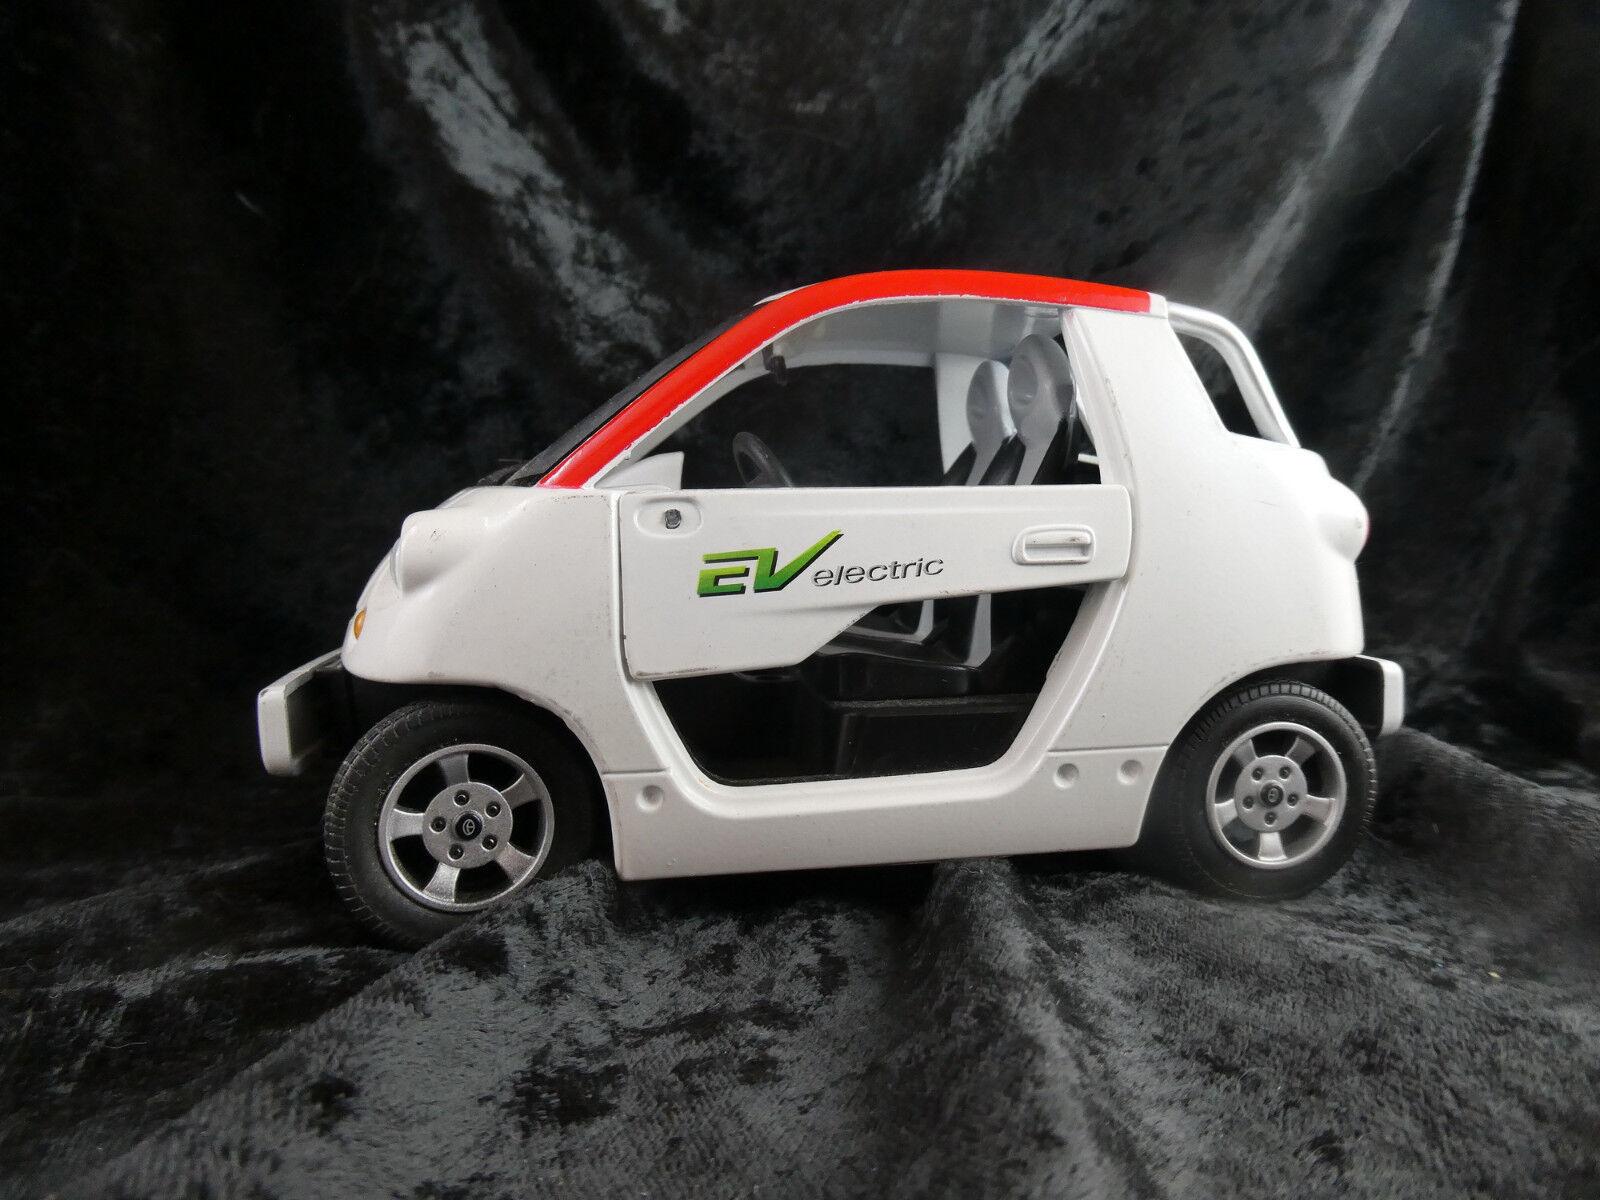 ordene ahora los precios más bajos RARISSIME CT&T e-Zone EV EV EV  ELECTRIC MODELE 1 18  SERIE LIMITE 136  1250  Entrega rápida y envío gratis en todos los pedidos.